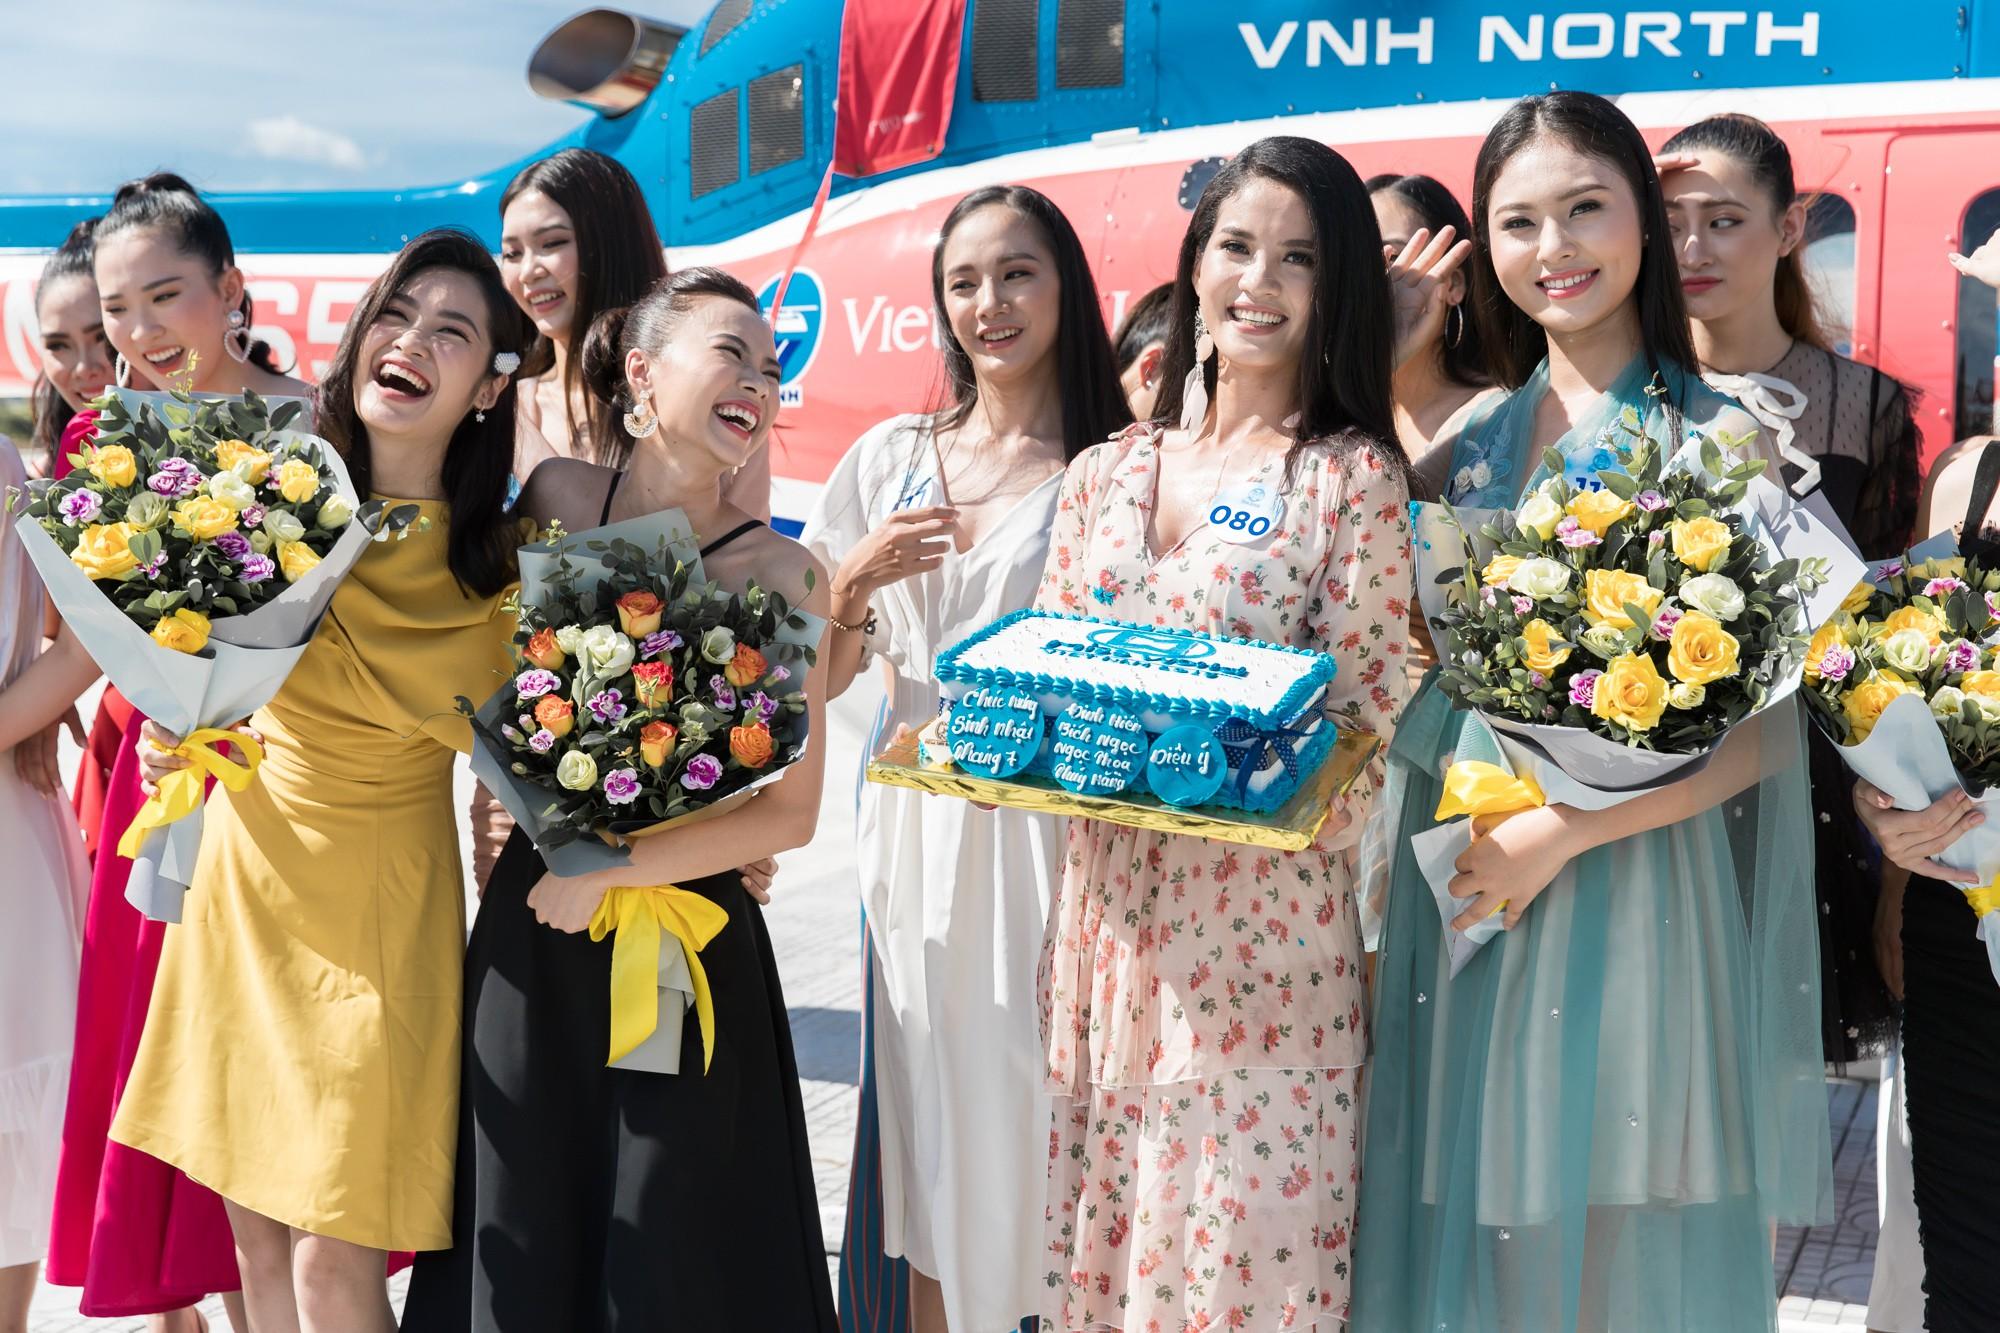 Sau tin đồn có bạn trai, Đỗ Mỹ Linh tươi tắn xuất hiện đồng hành cùng thí sinh Miss World Việt trước đêm thi quan trọng - Ảnh 8.